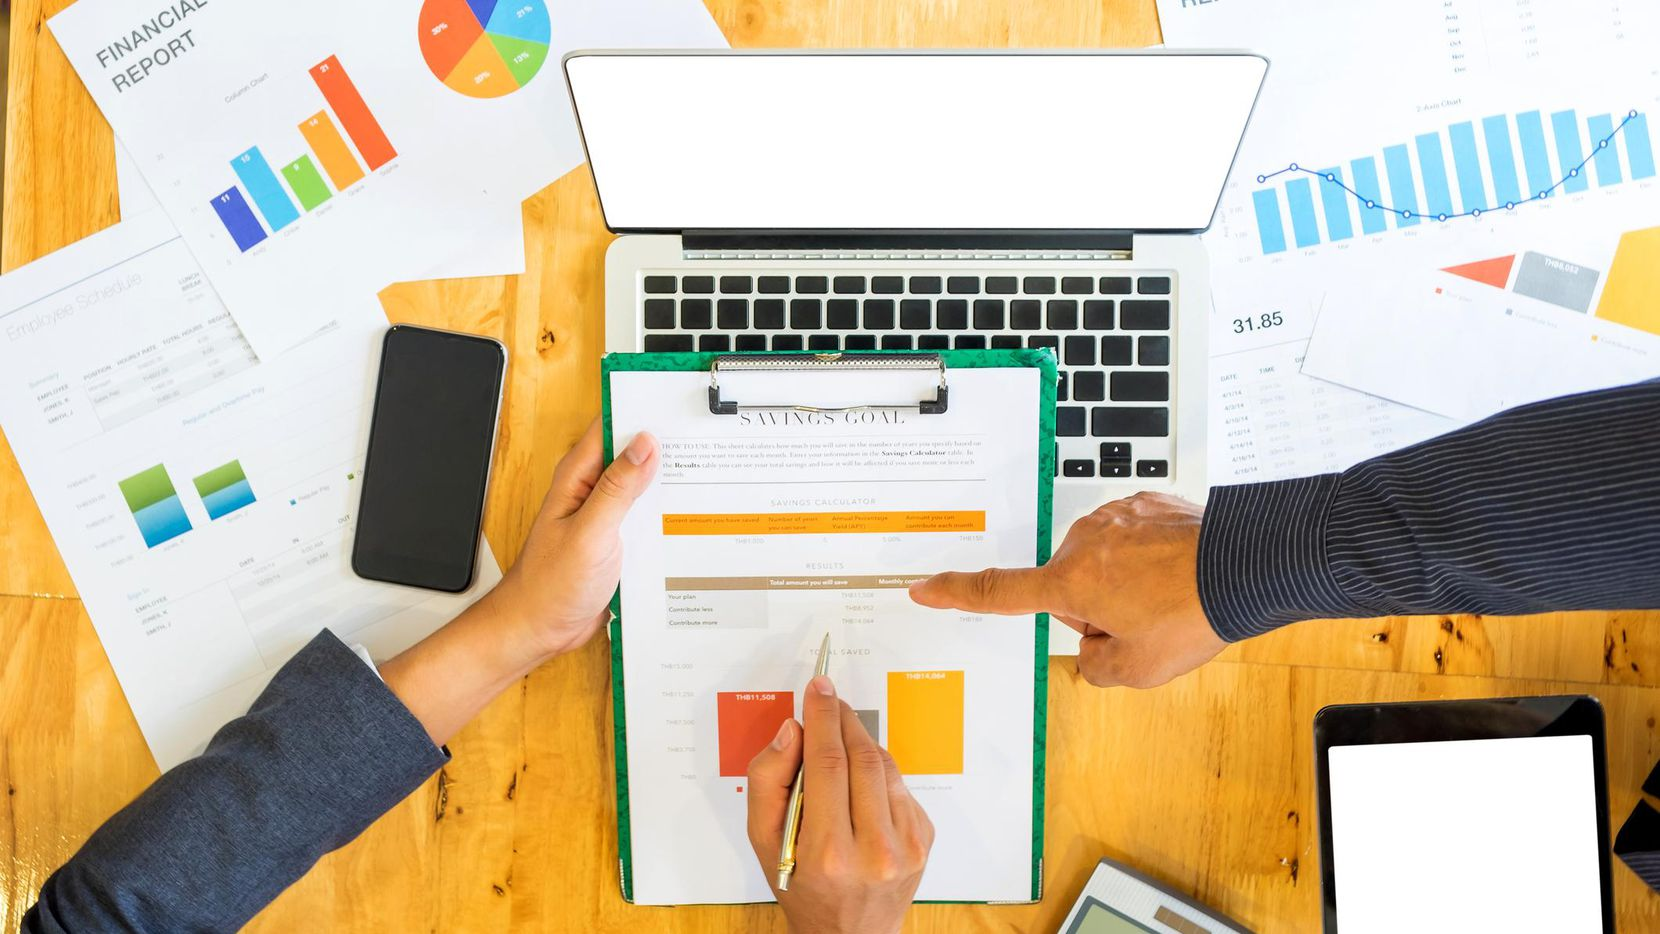 El IRS ofrece una herramienta en línea y en español para declarar impuestos. (iSTOCK/GETTY IMAGES)